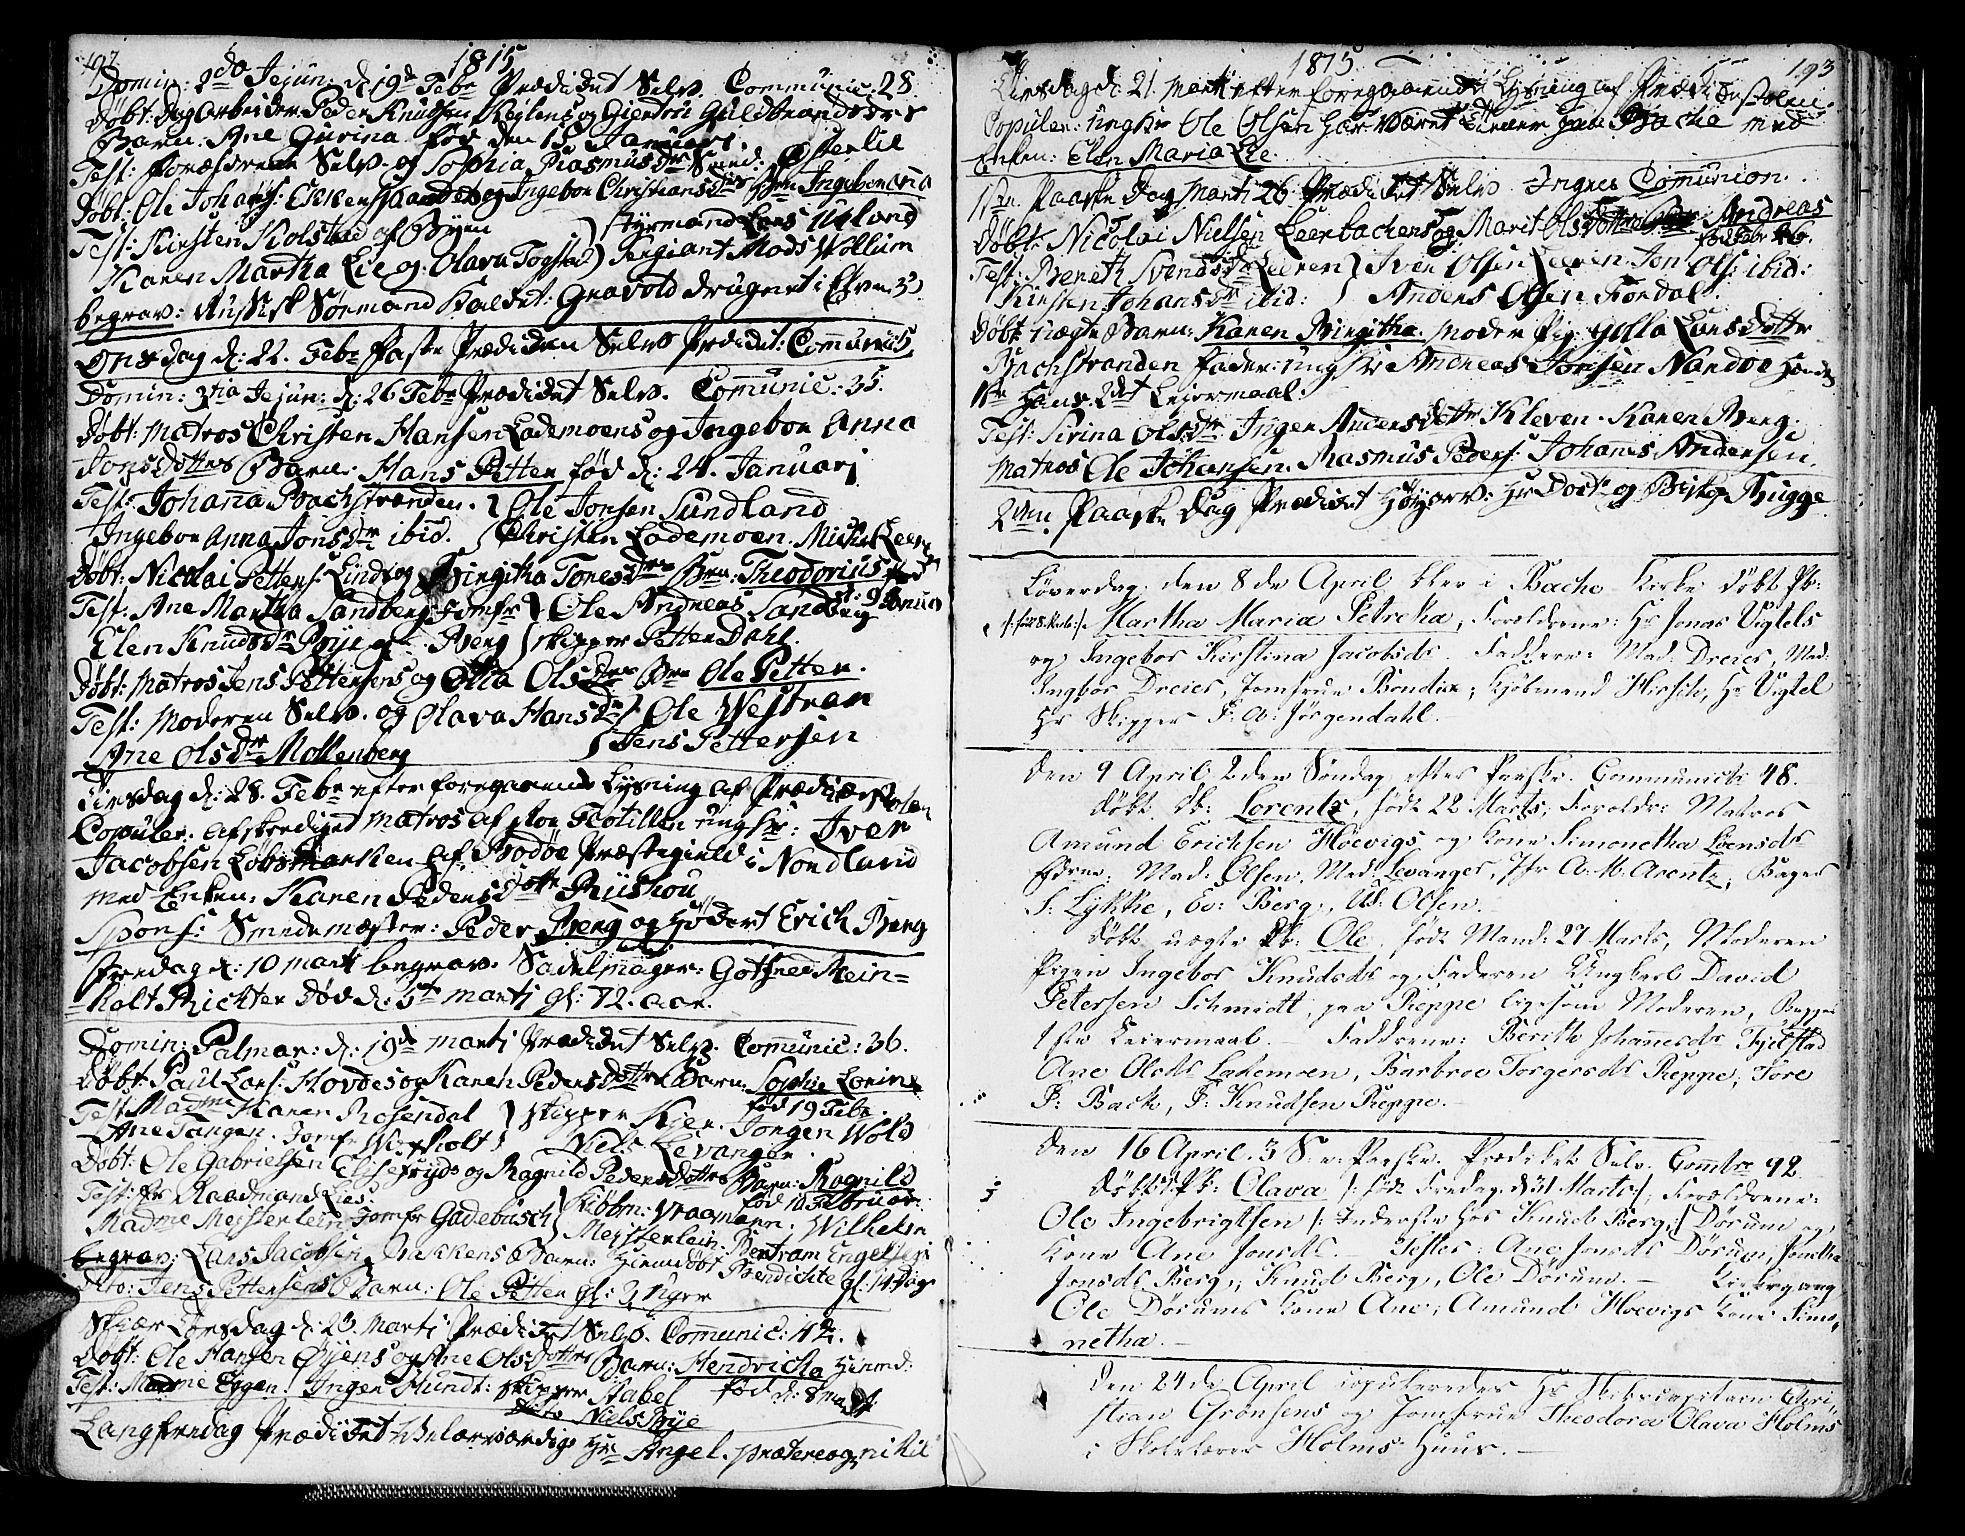 SAT, Ministerialprotokoller, klokkerbøker og fødselsregistre - Sør-Trøndelag, 604/L0181: Ministerialbok nr. 604A02, 1798-1817, s. 192-193